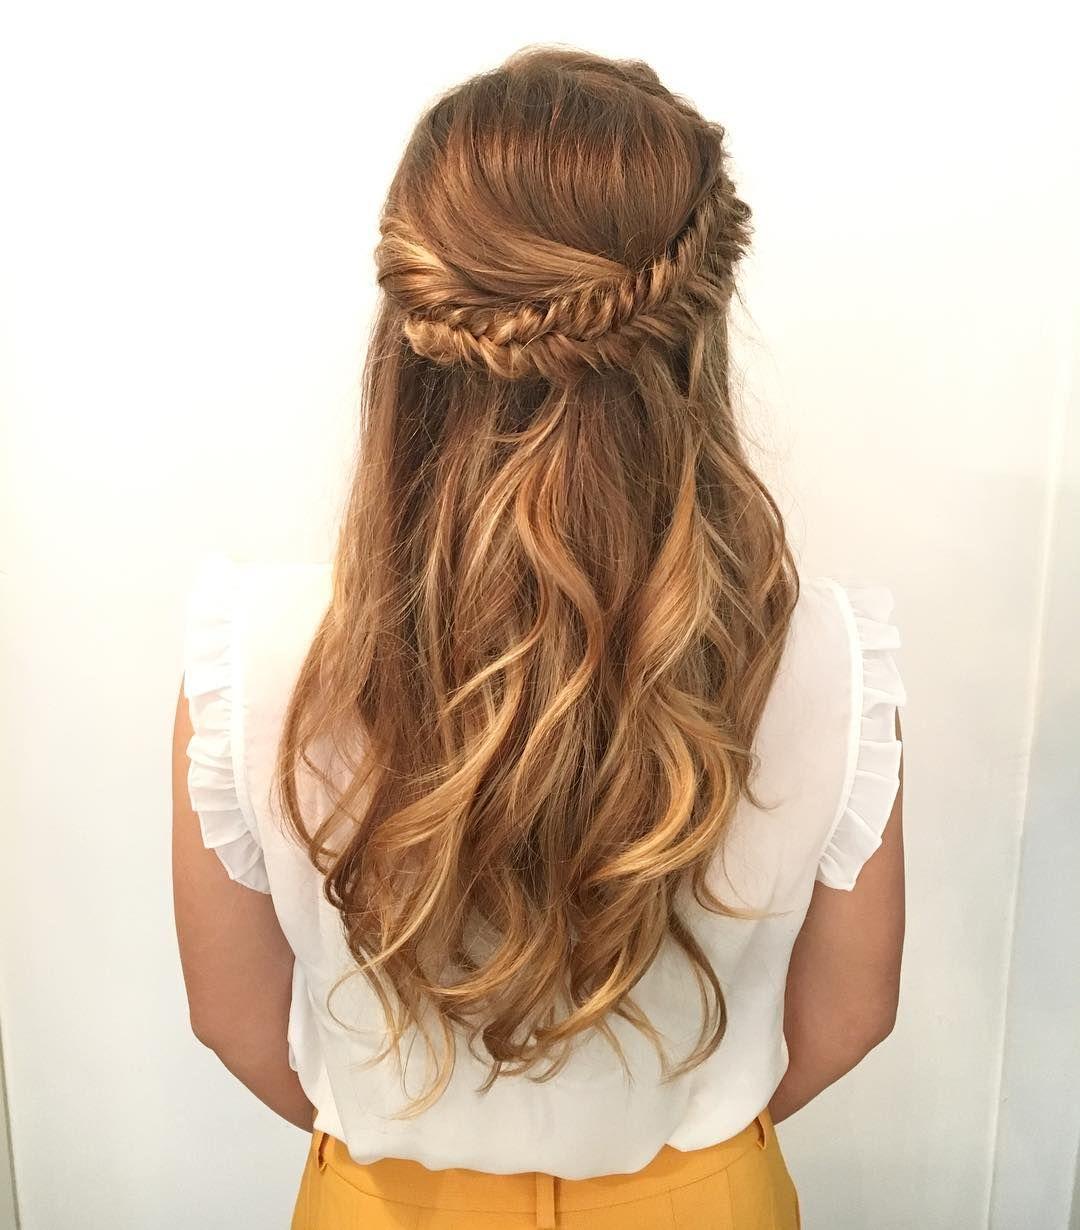 Ceccarello Clara On Instagram W E E D I N G G U E S T Merci Chloe Penderie Pour Ta Confiance Weedinghair Hairstyle Brai Coiffure Coiffeur Penderie